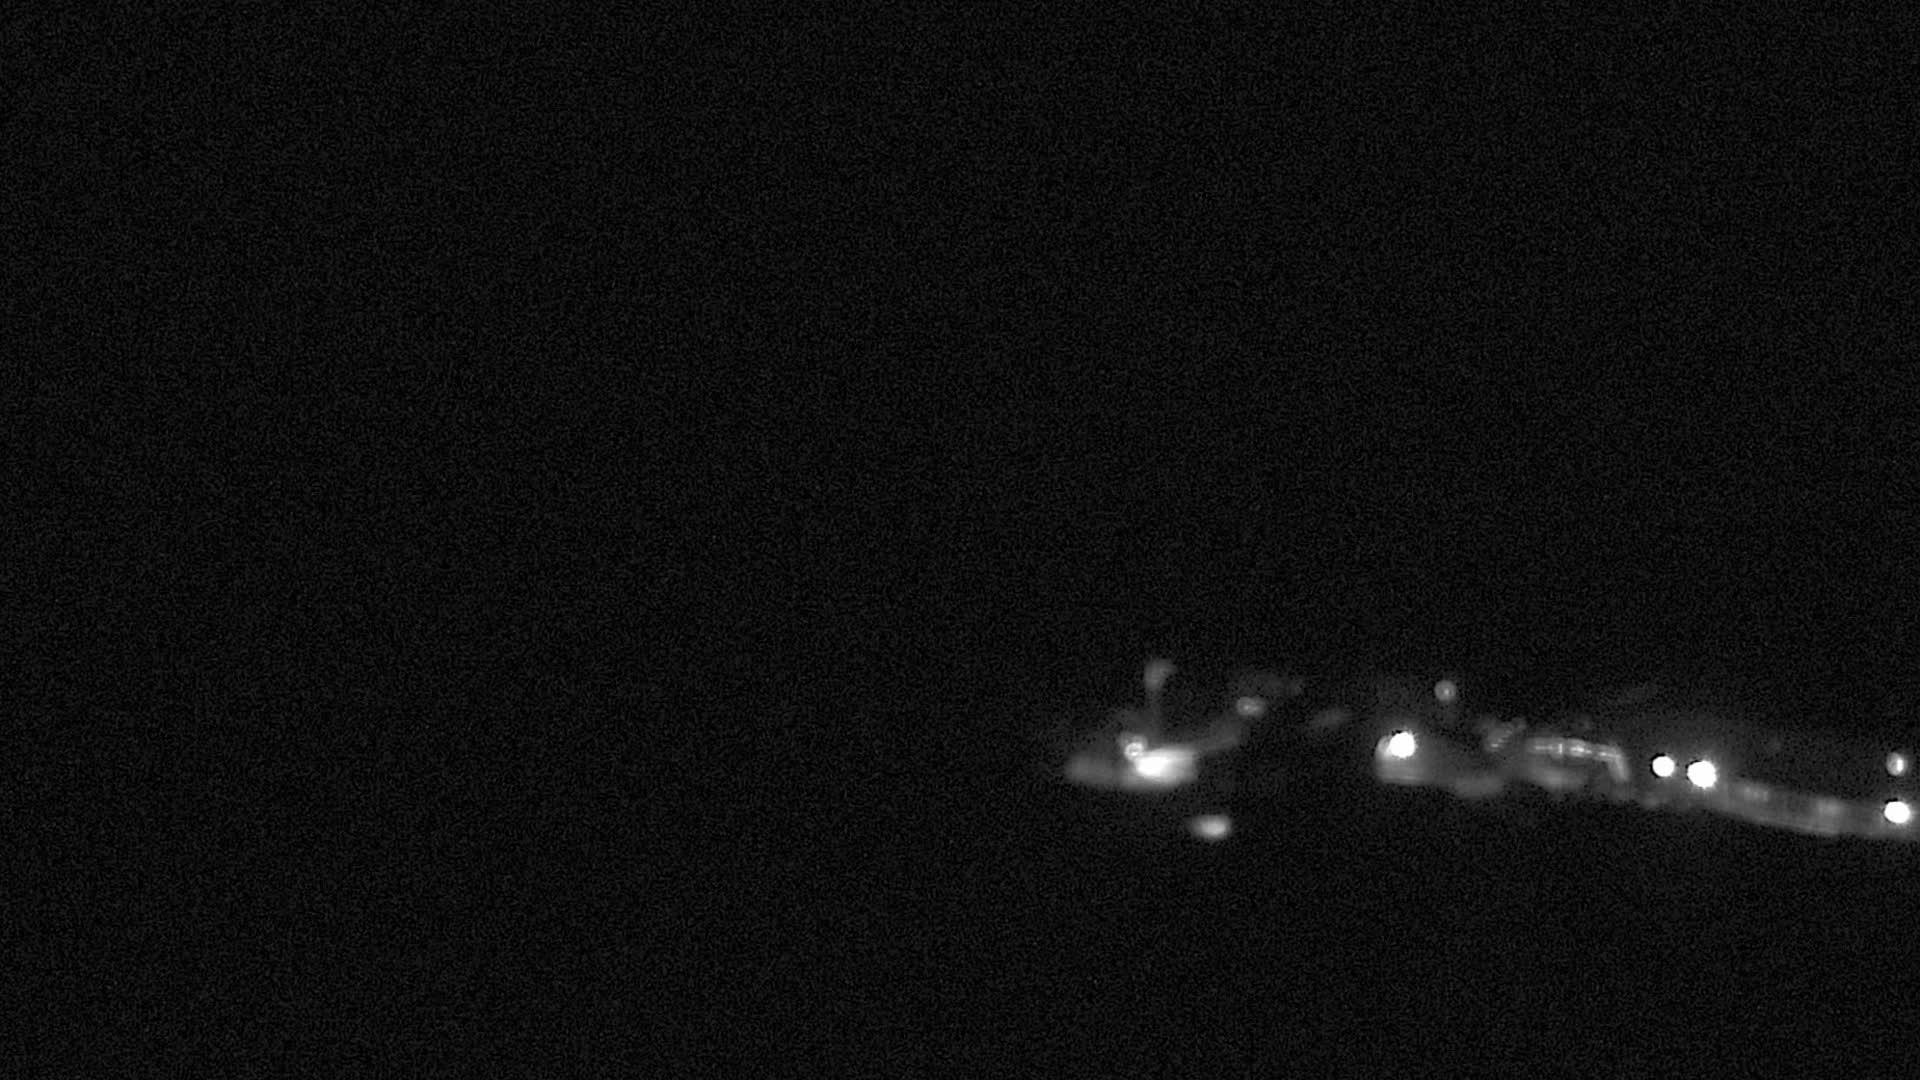 Антарктическая станция Палмер